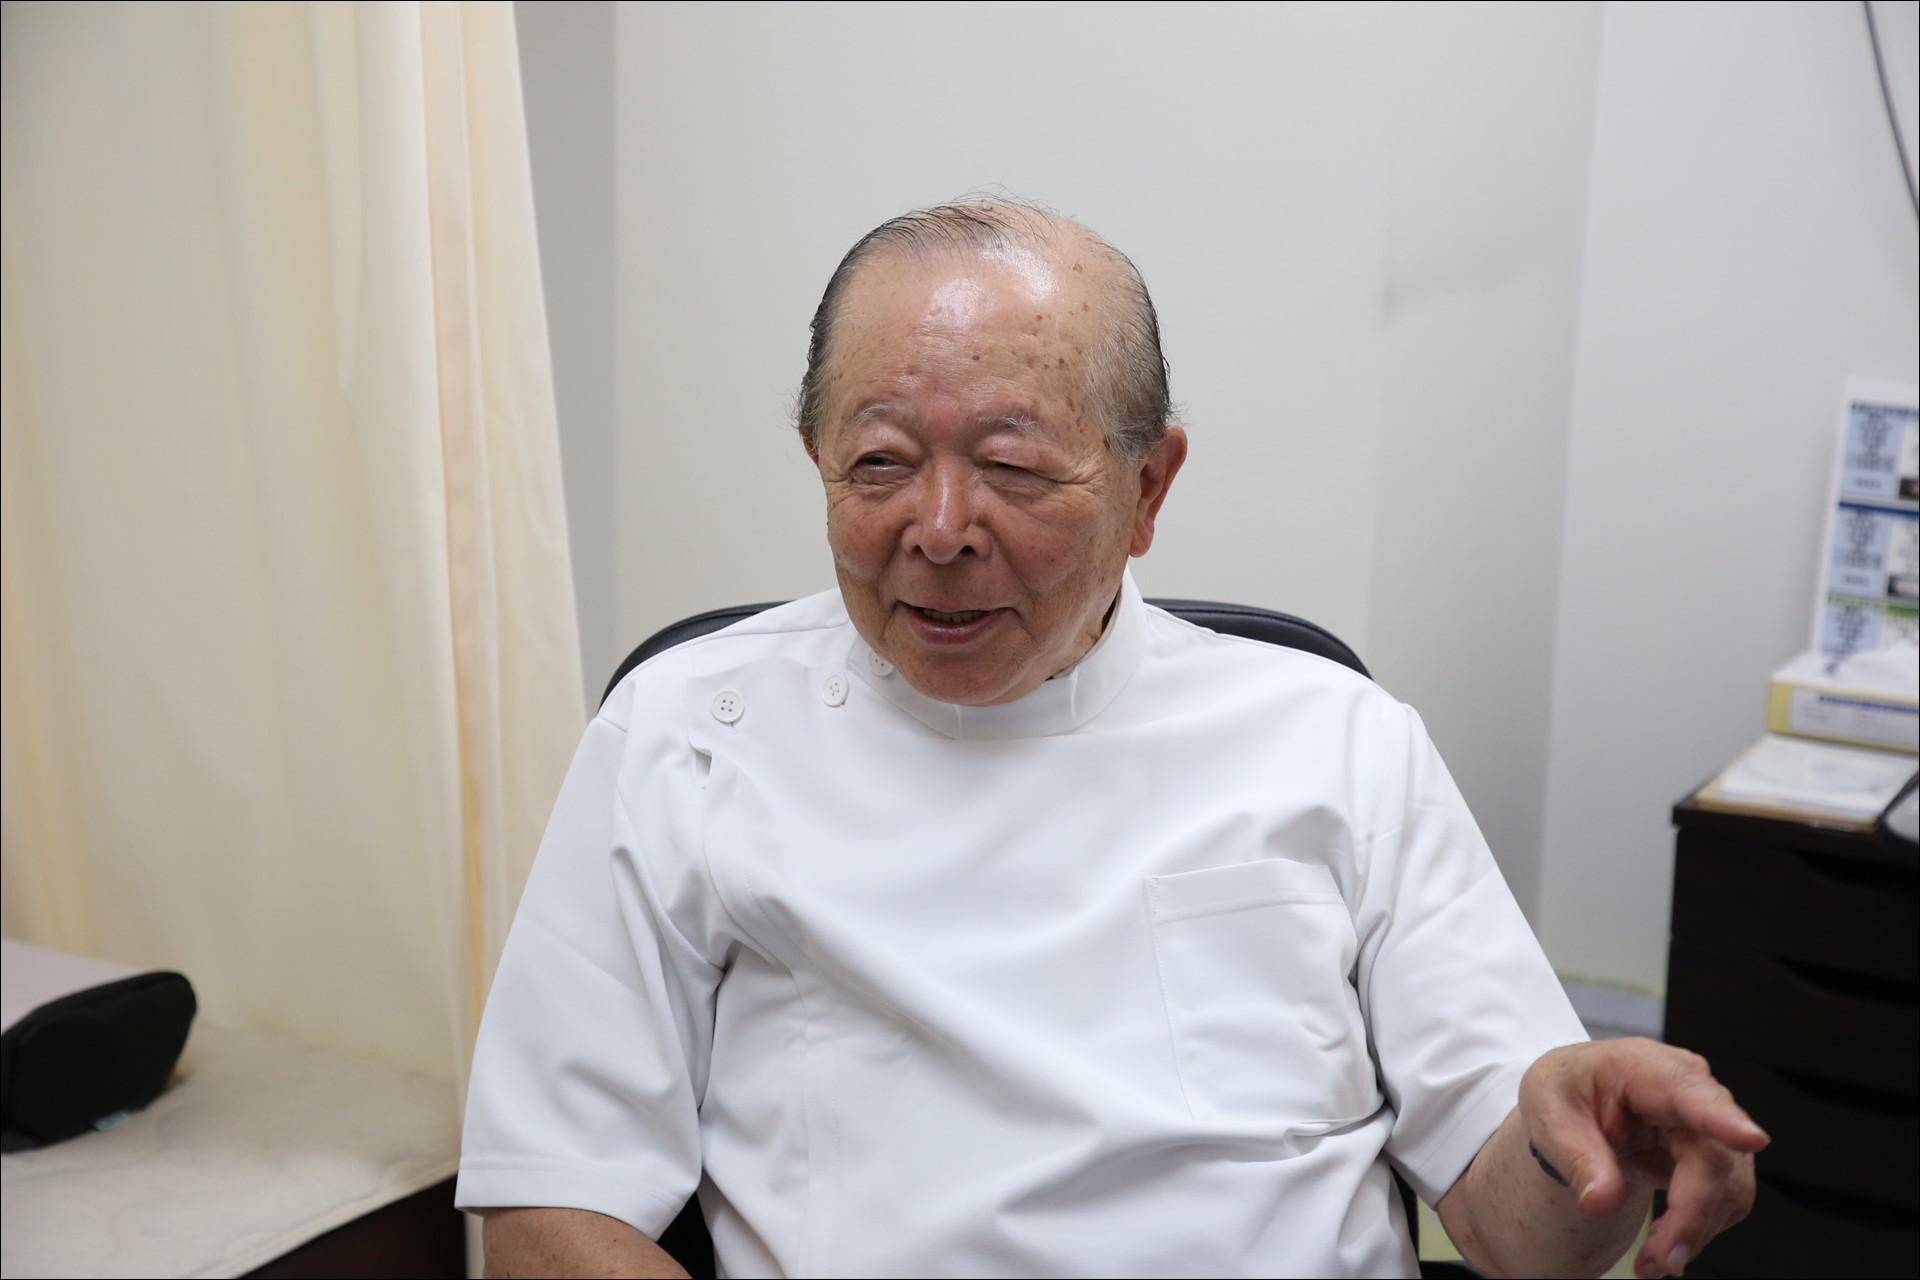 医療法人社団一二三会 中村雅一理事長